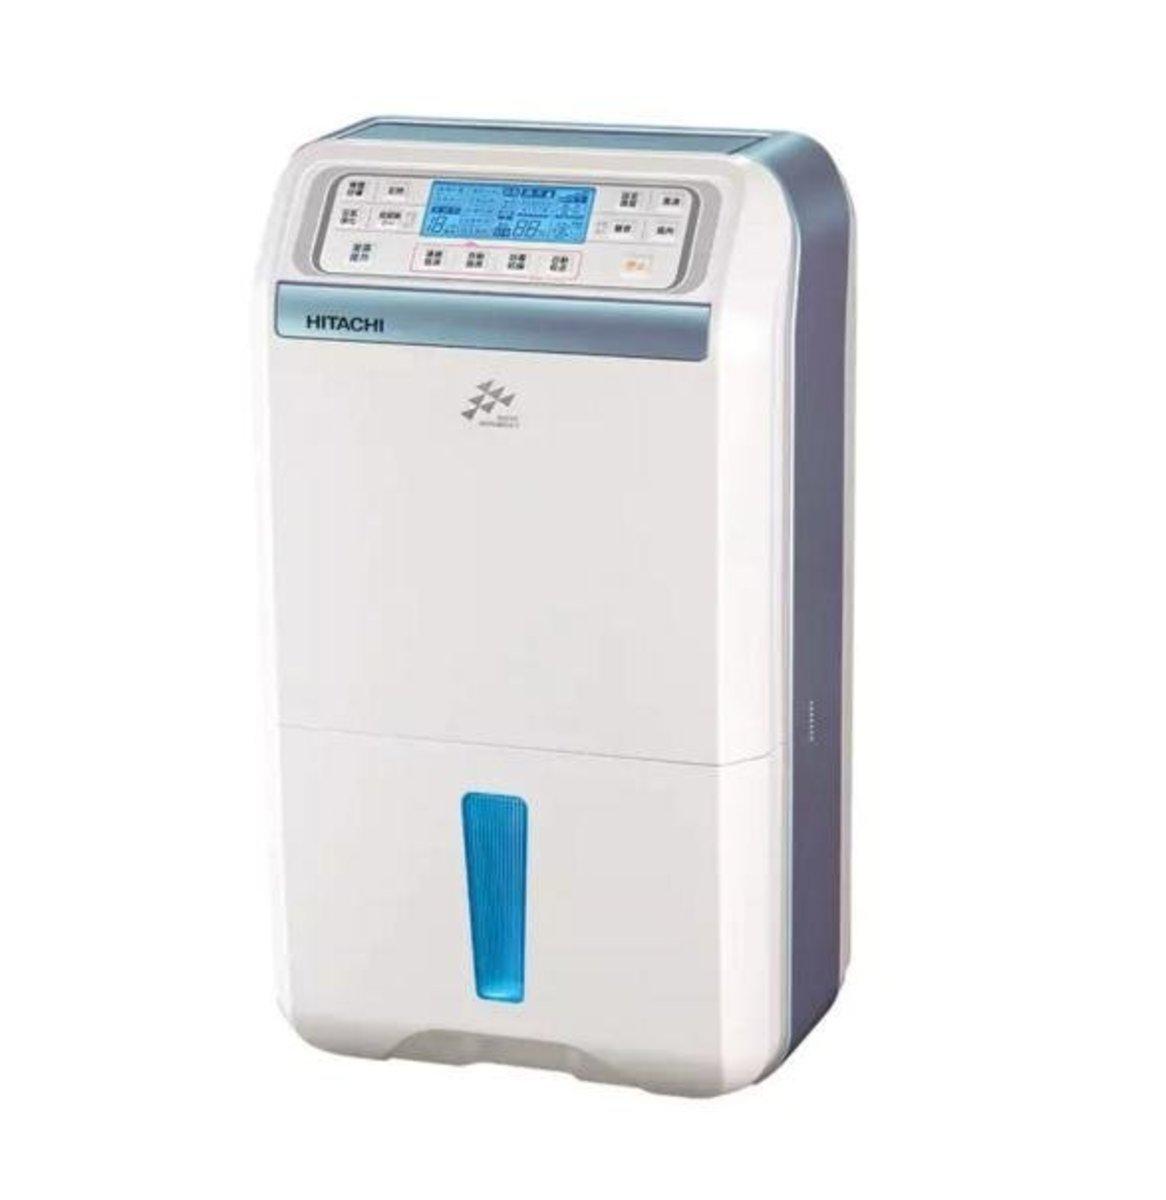 RD170FX 16.6公升抽濕機 一級能源標籤